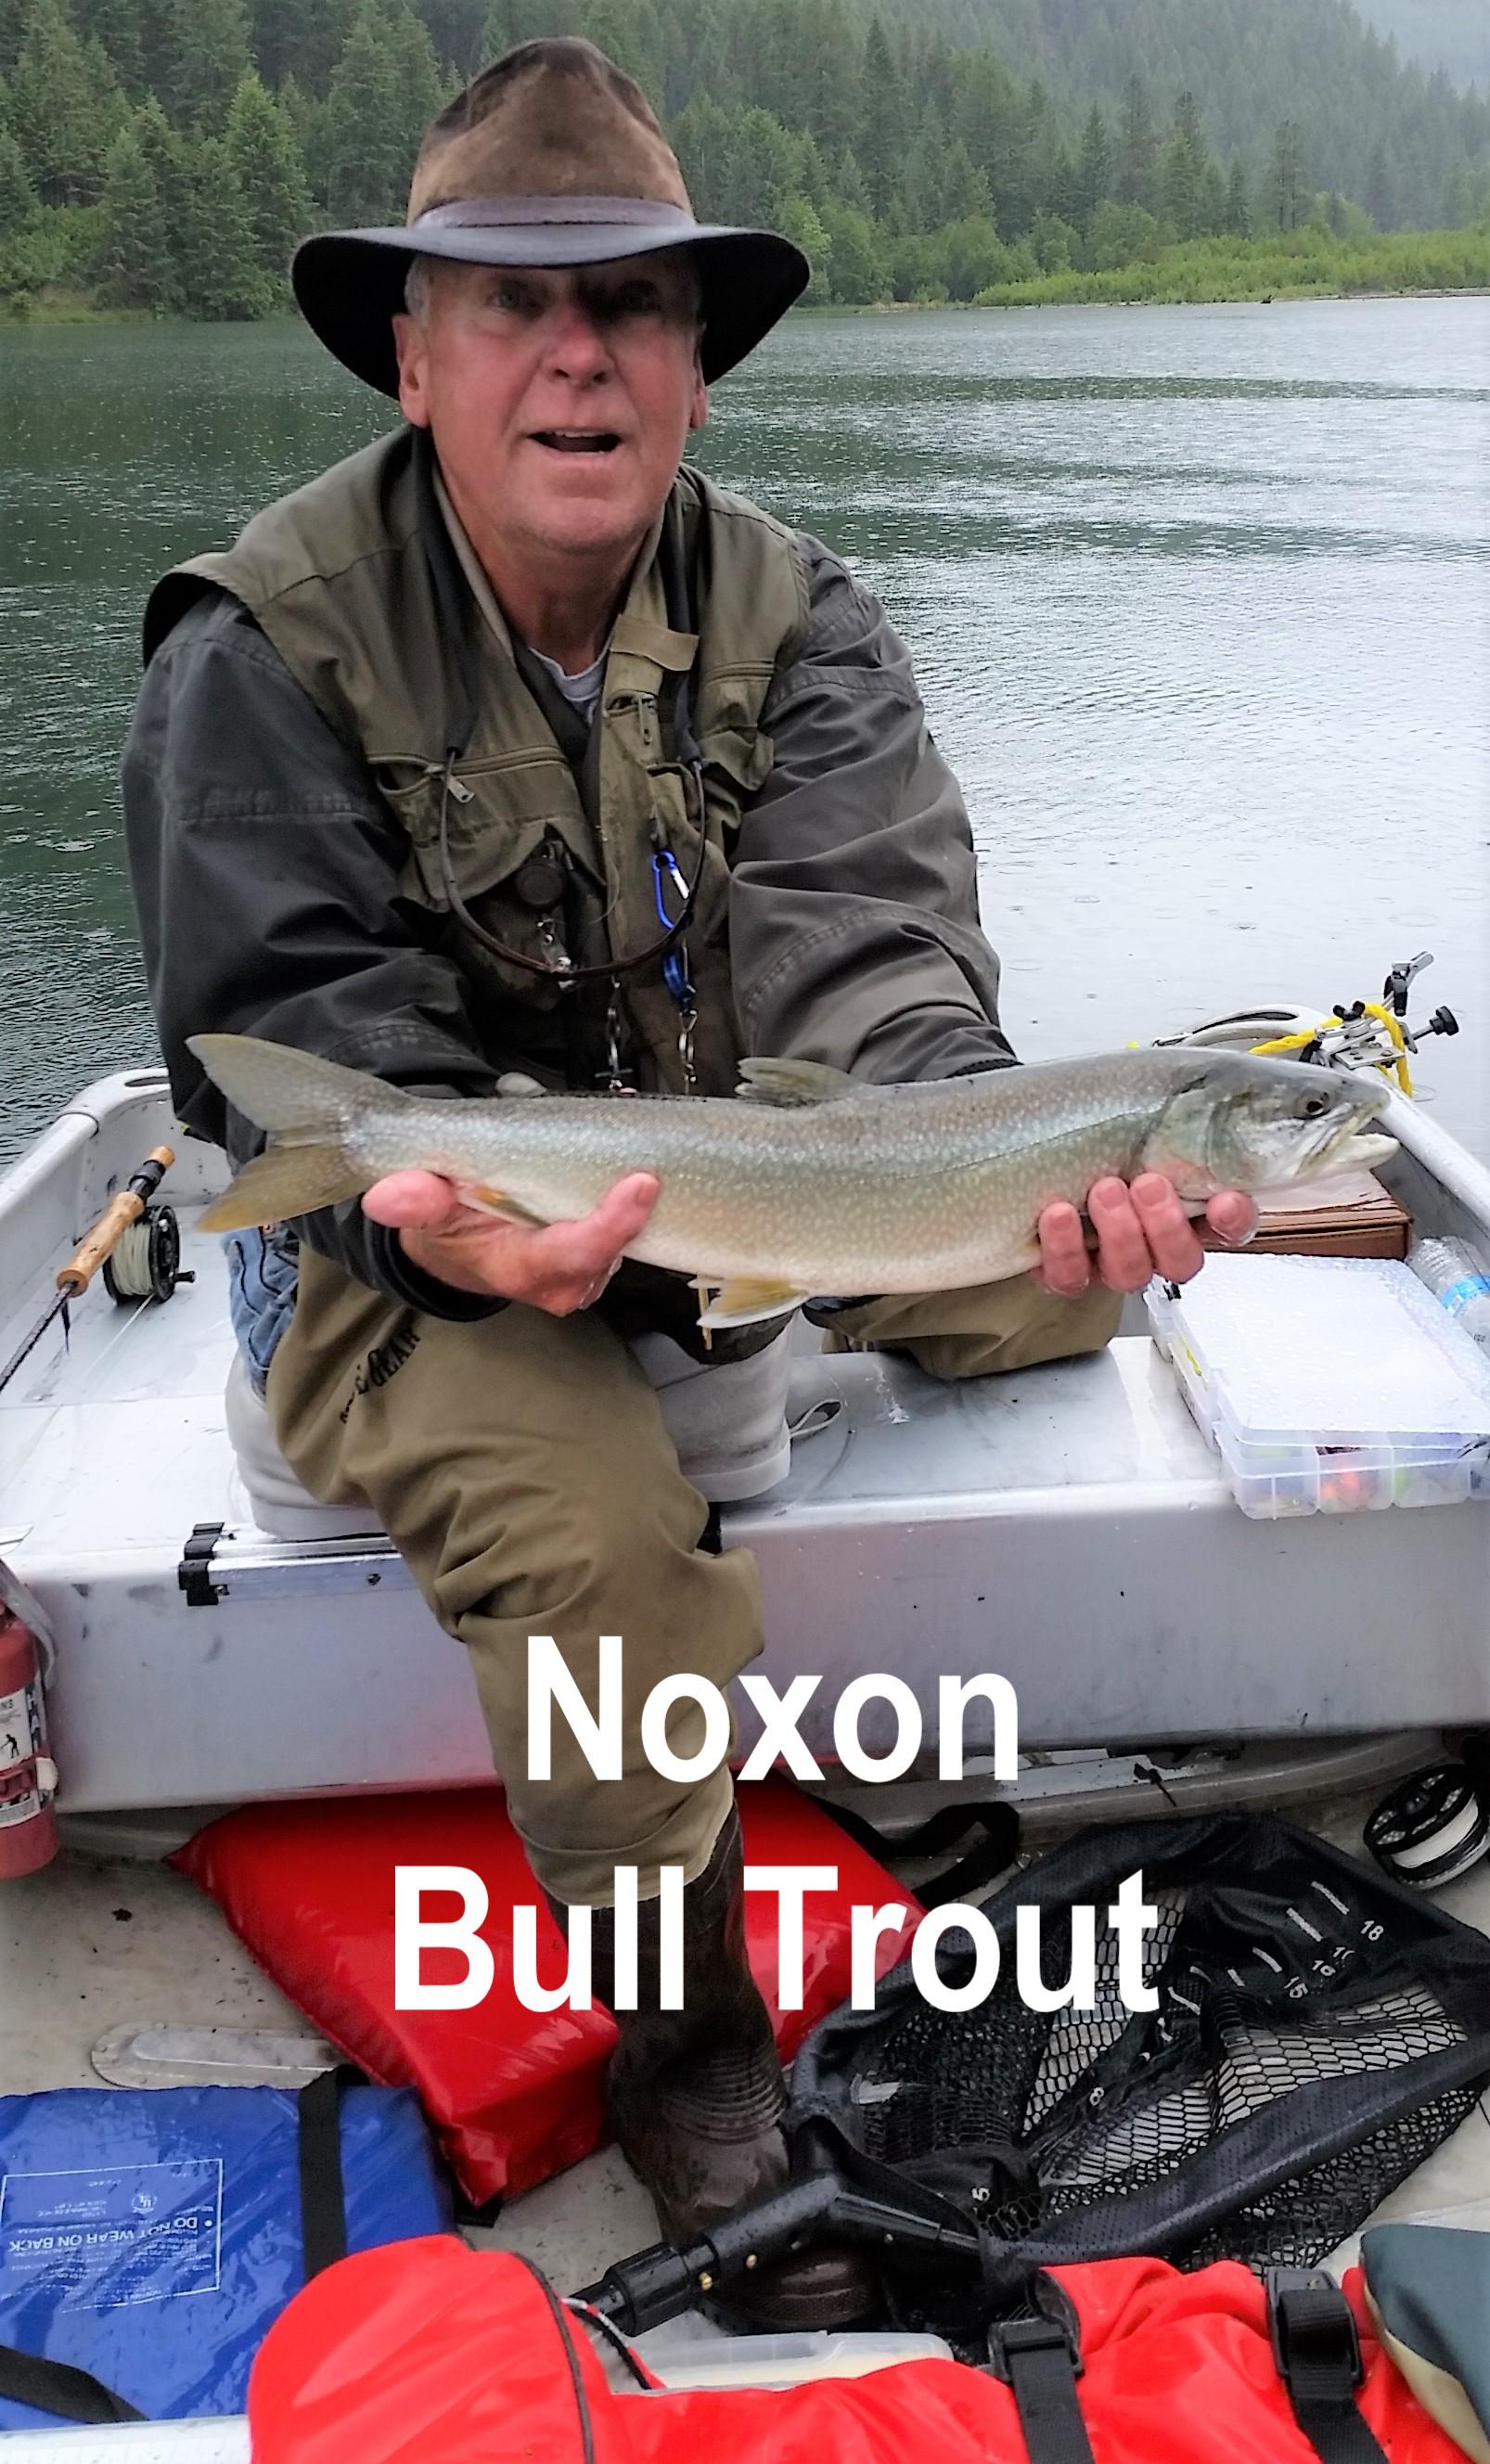 Noxon Bull